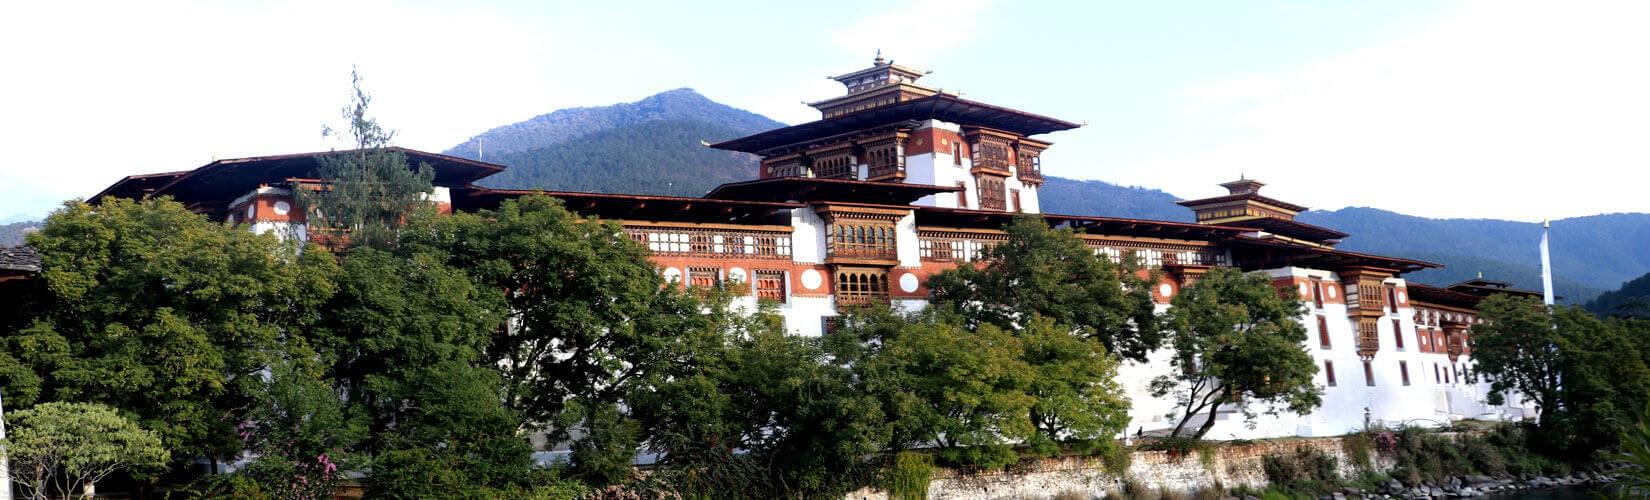 Bhutan-Tour-Details